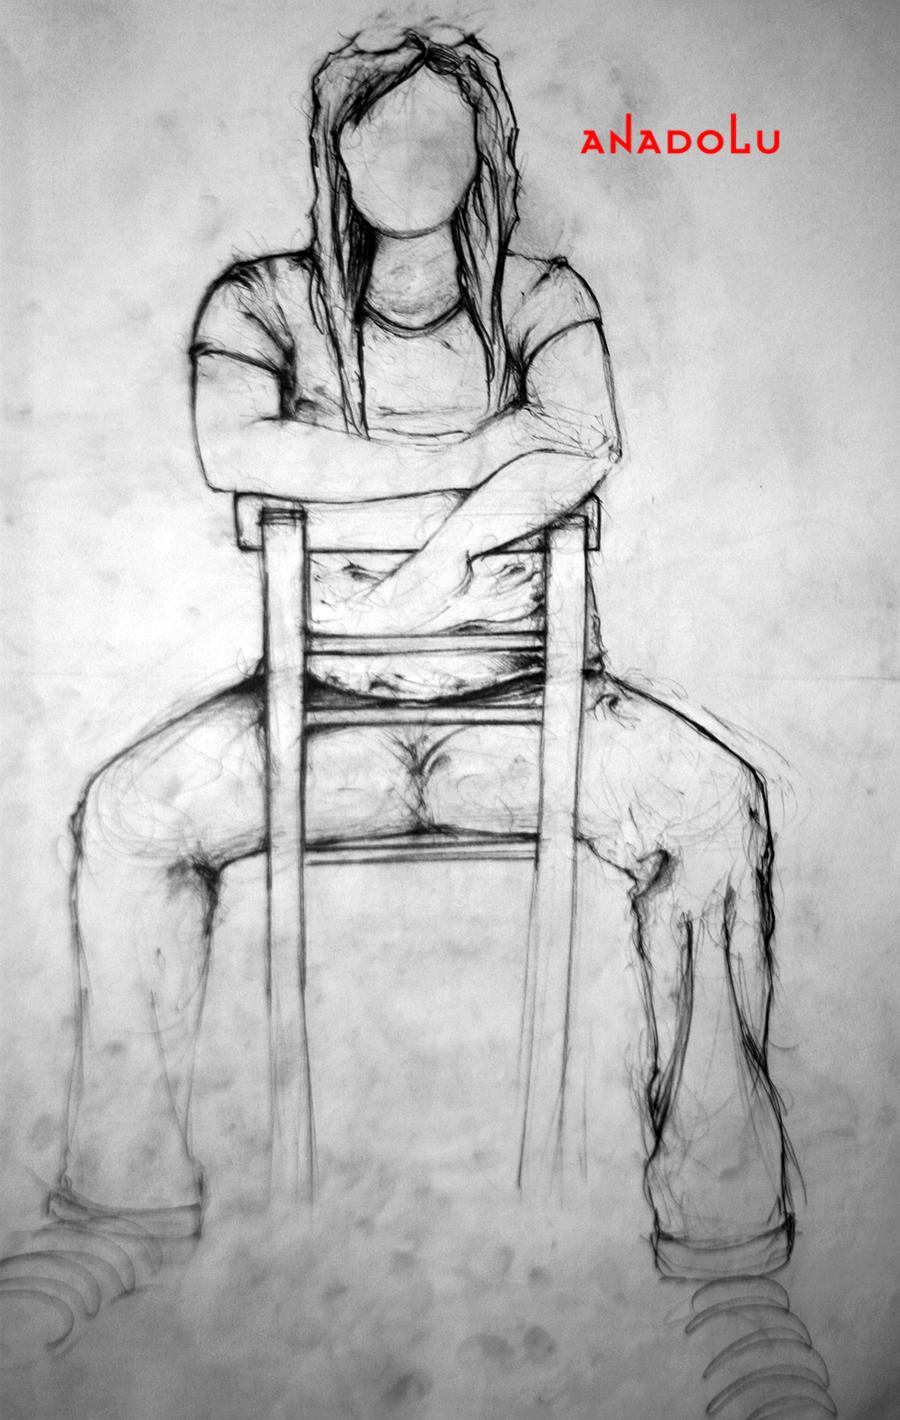 Güzel Sanat İçin Çizim Örnekleri Çukurova